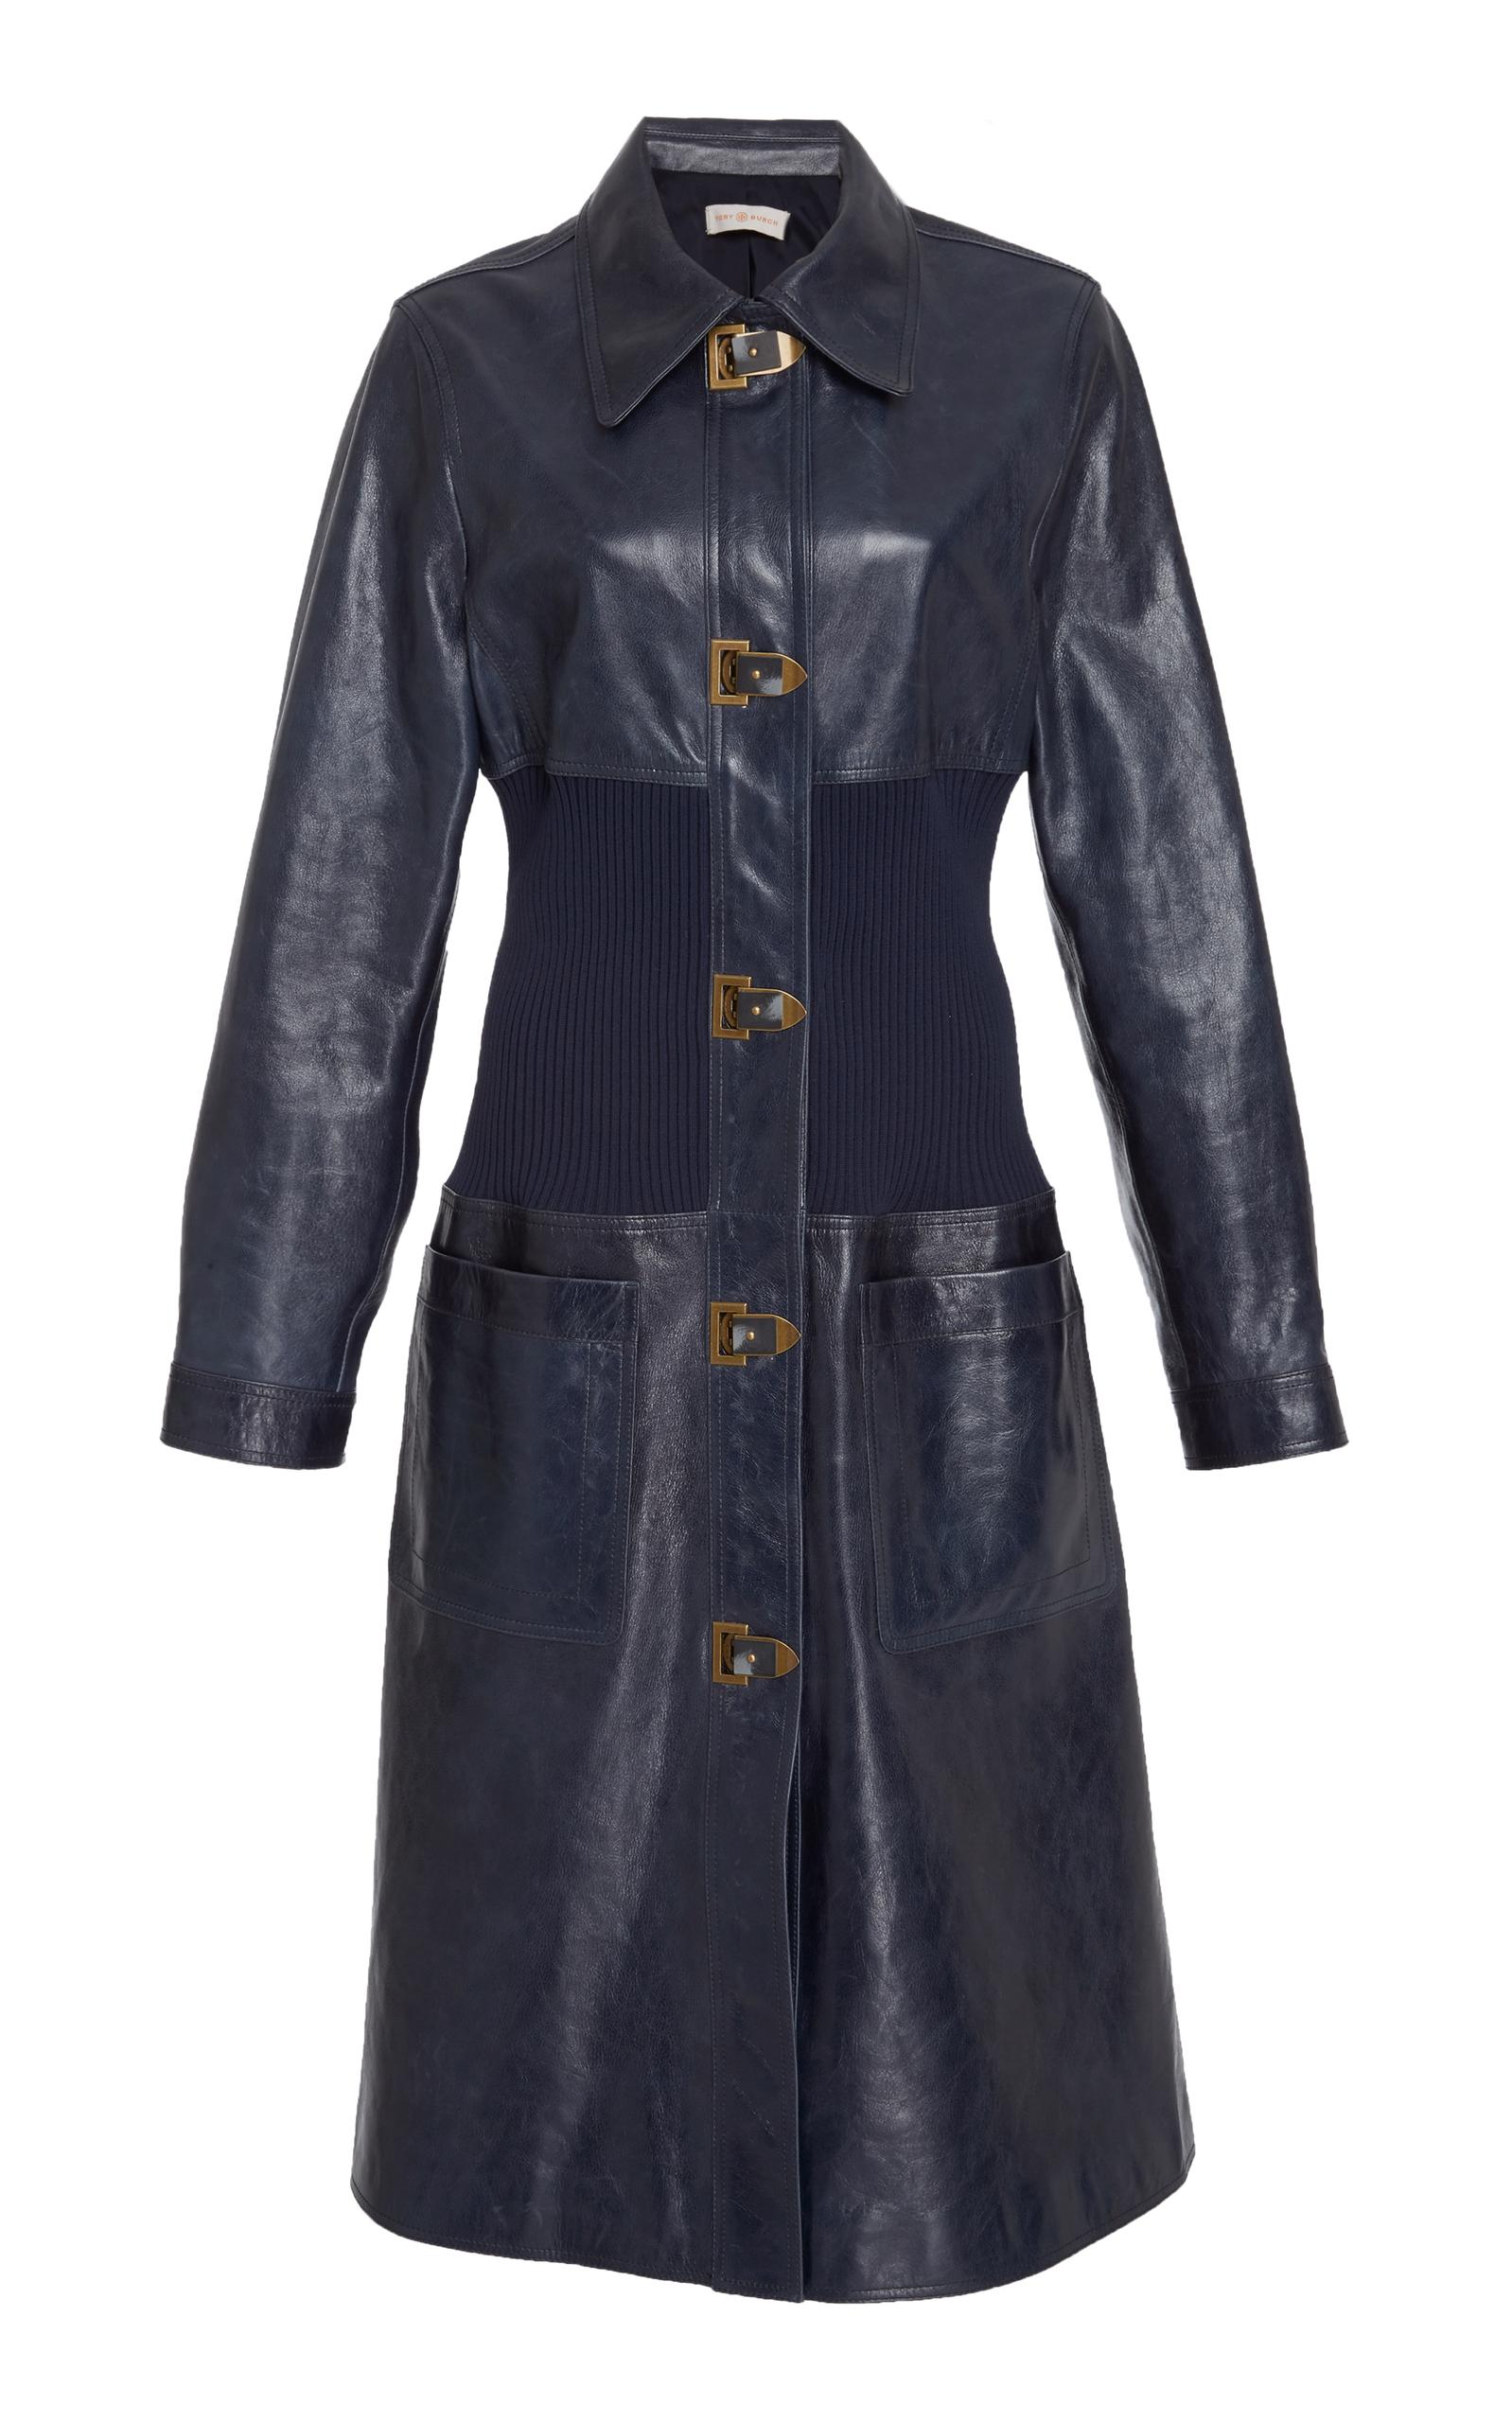 927a1d633a Tory BurchBeth Leather Coat. CLOSE. Loading